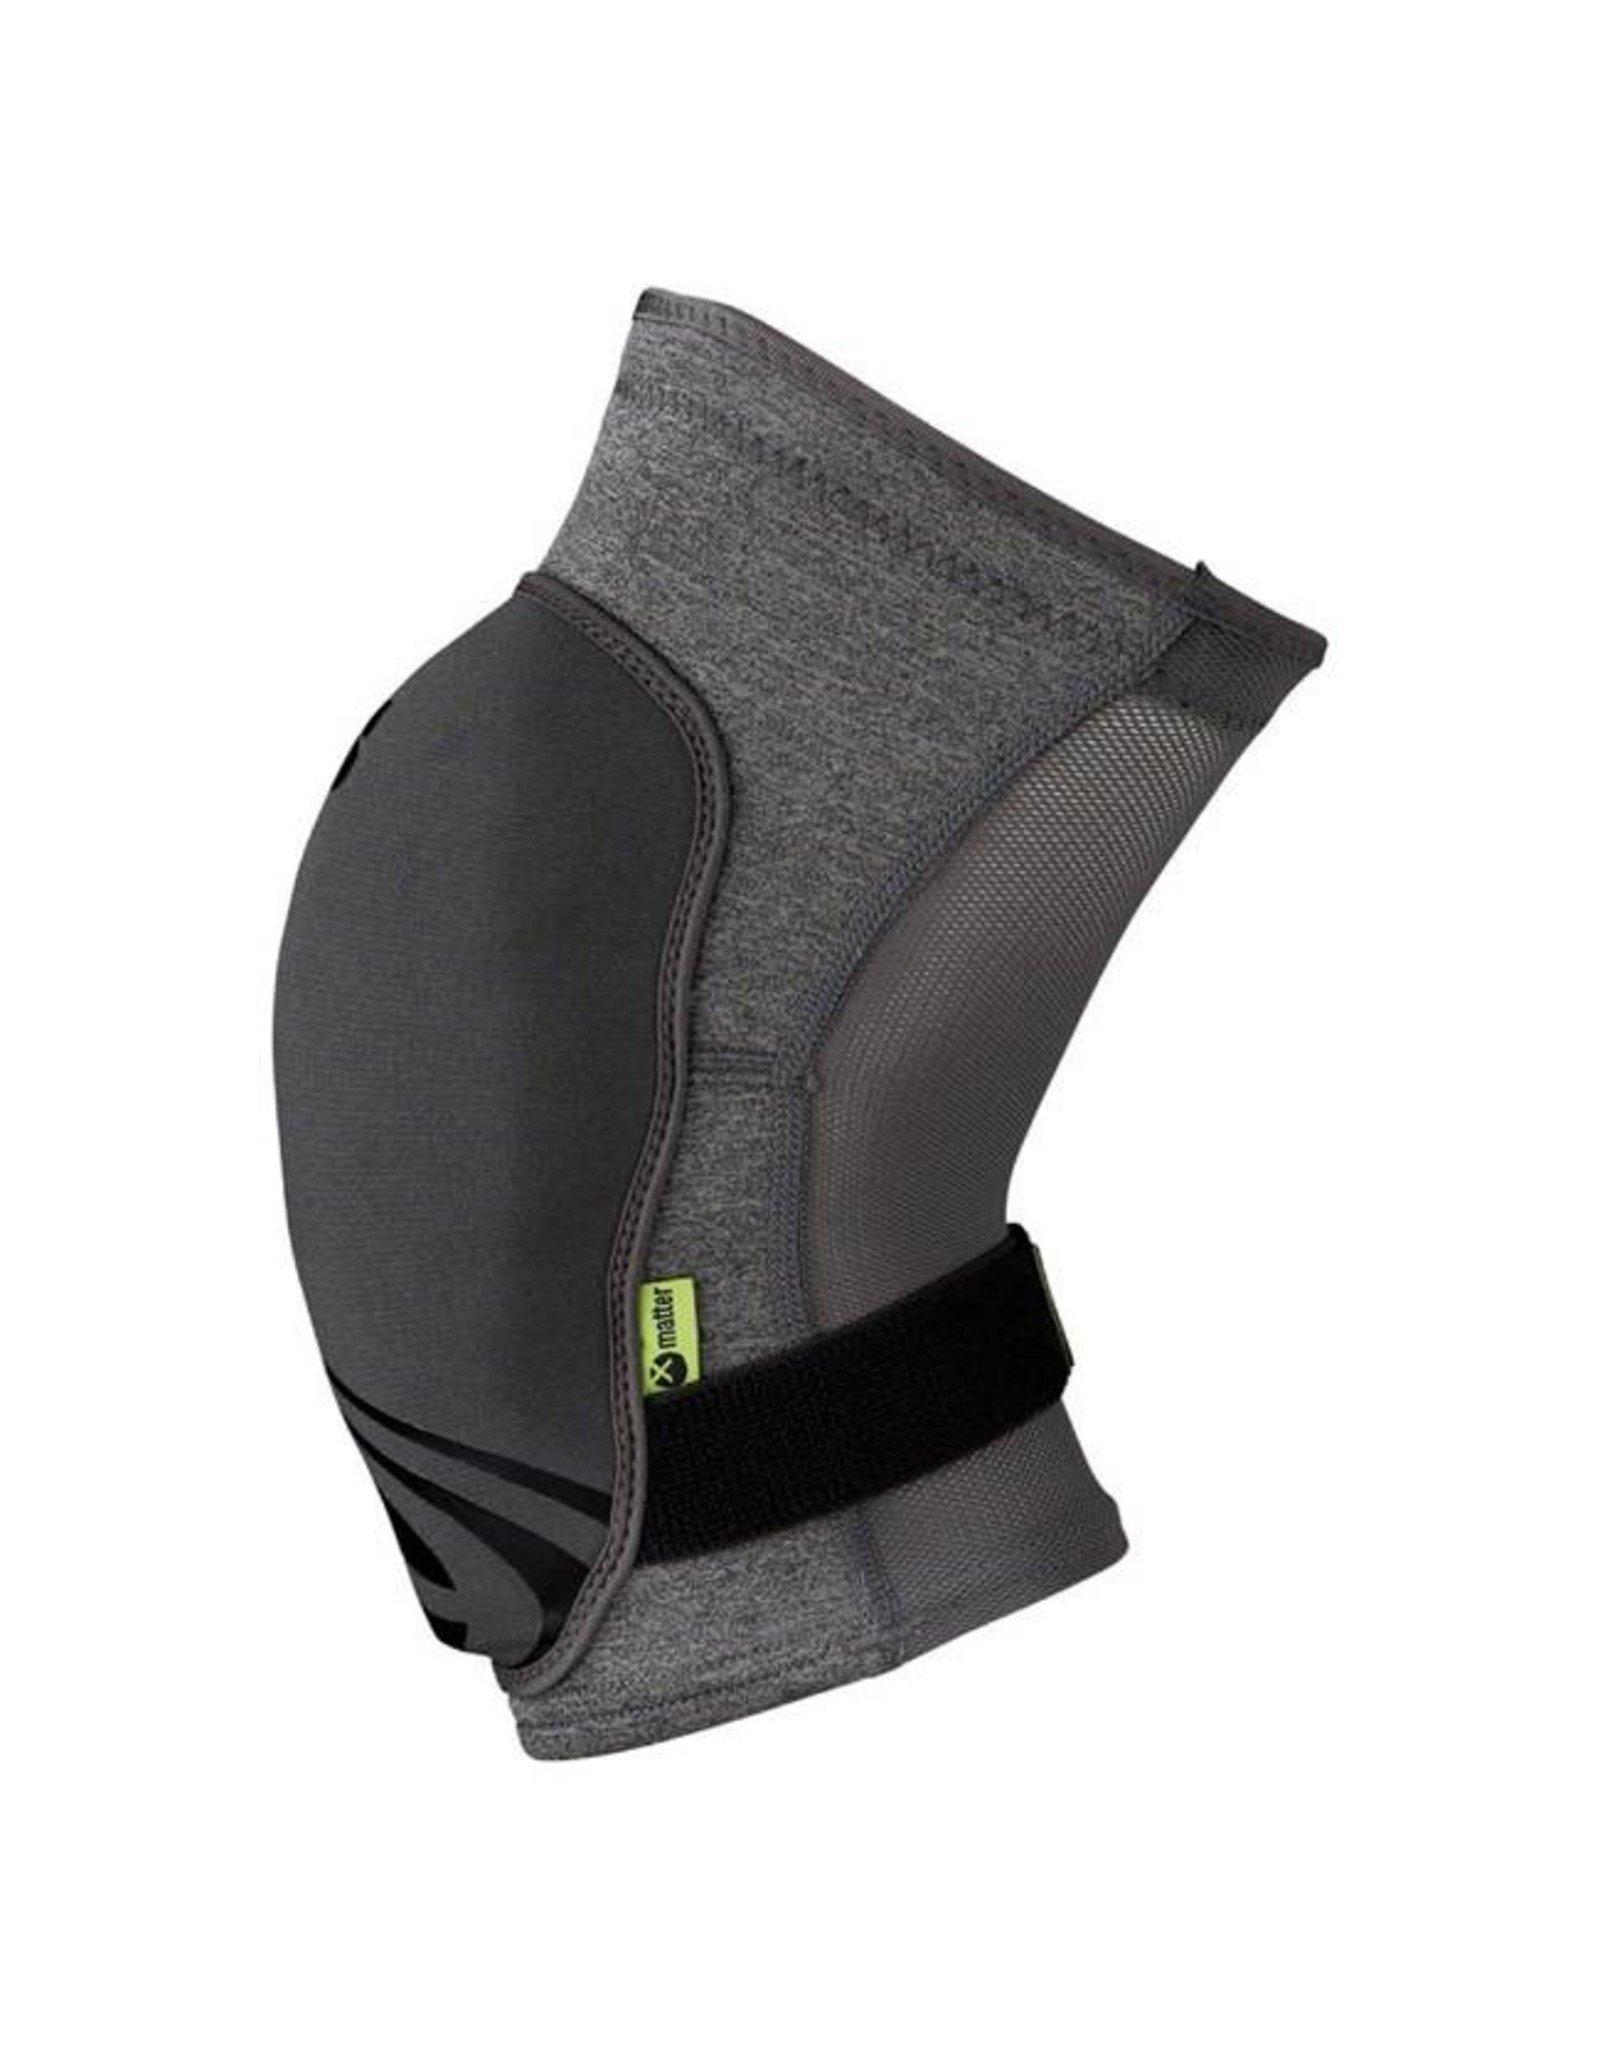 IXS iXS Flow Evo+ Knee Pads: Gray MD